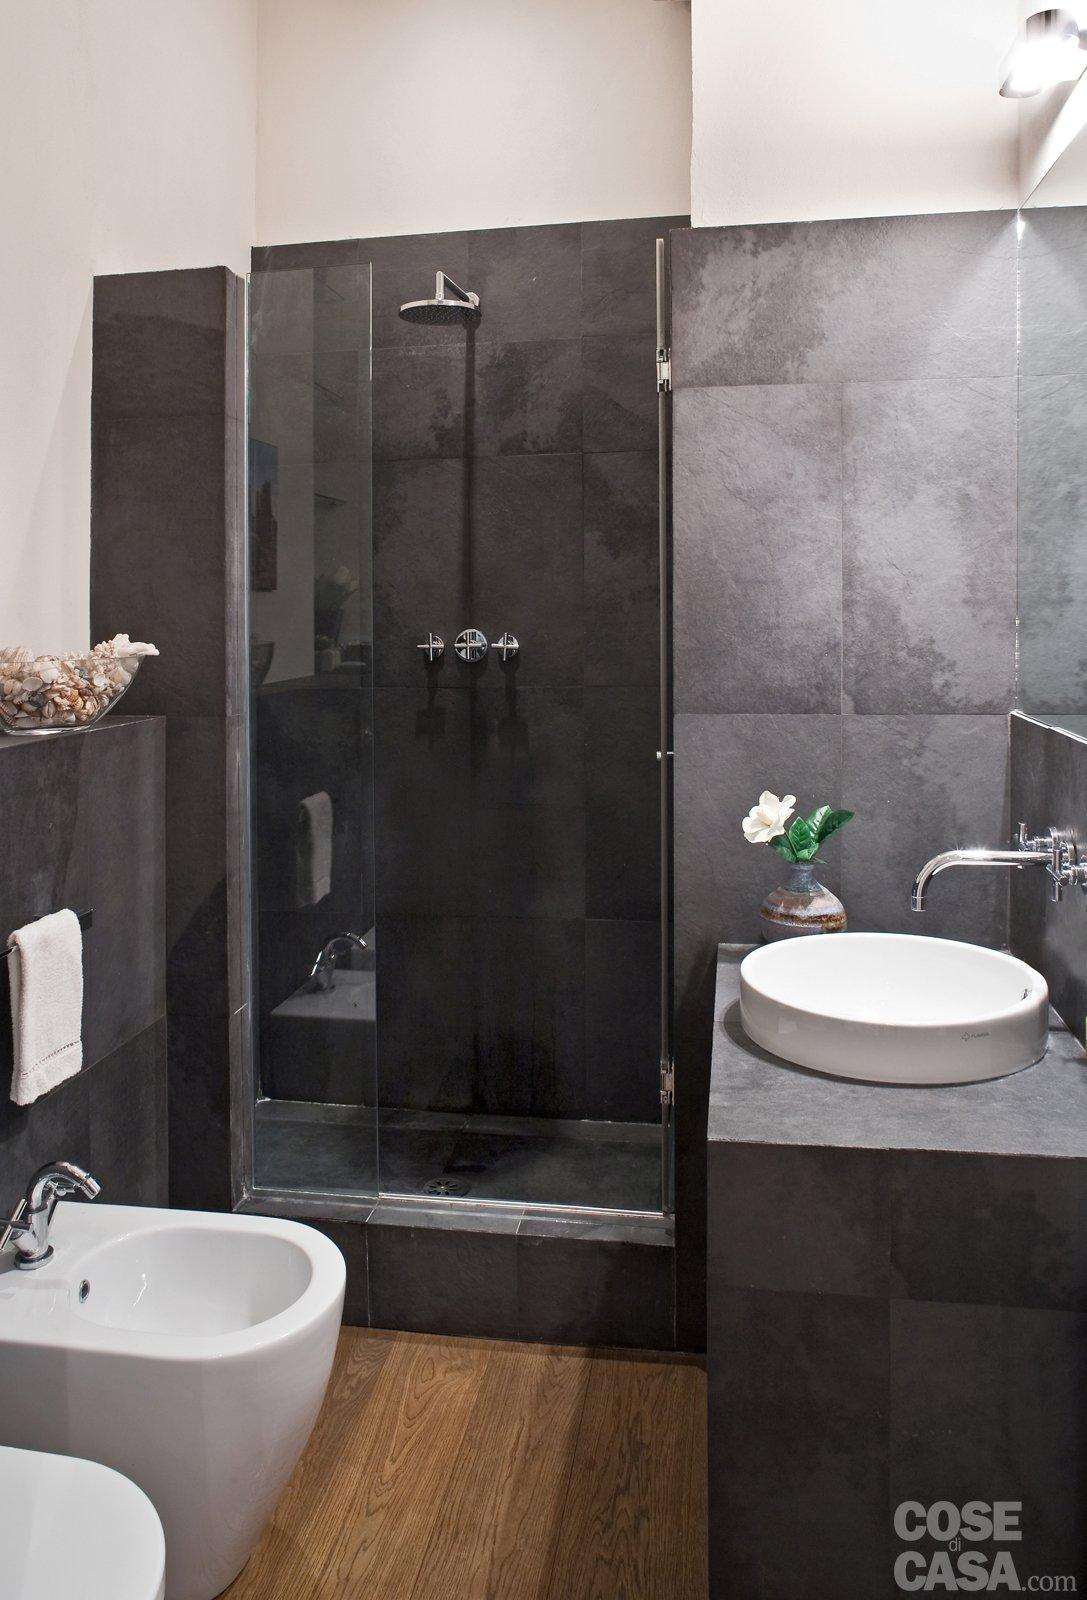 Una casa di 80 mq superfunzionali cose di casa - Bagni piccoli con doccia ...